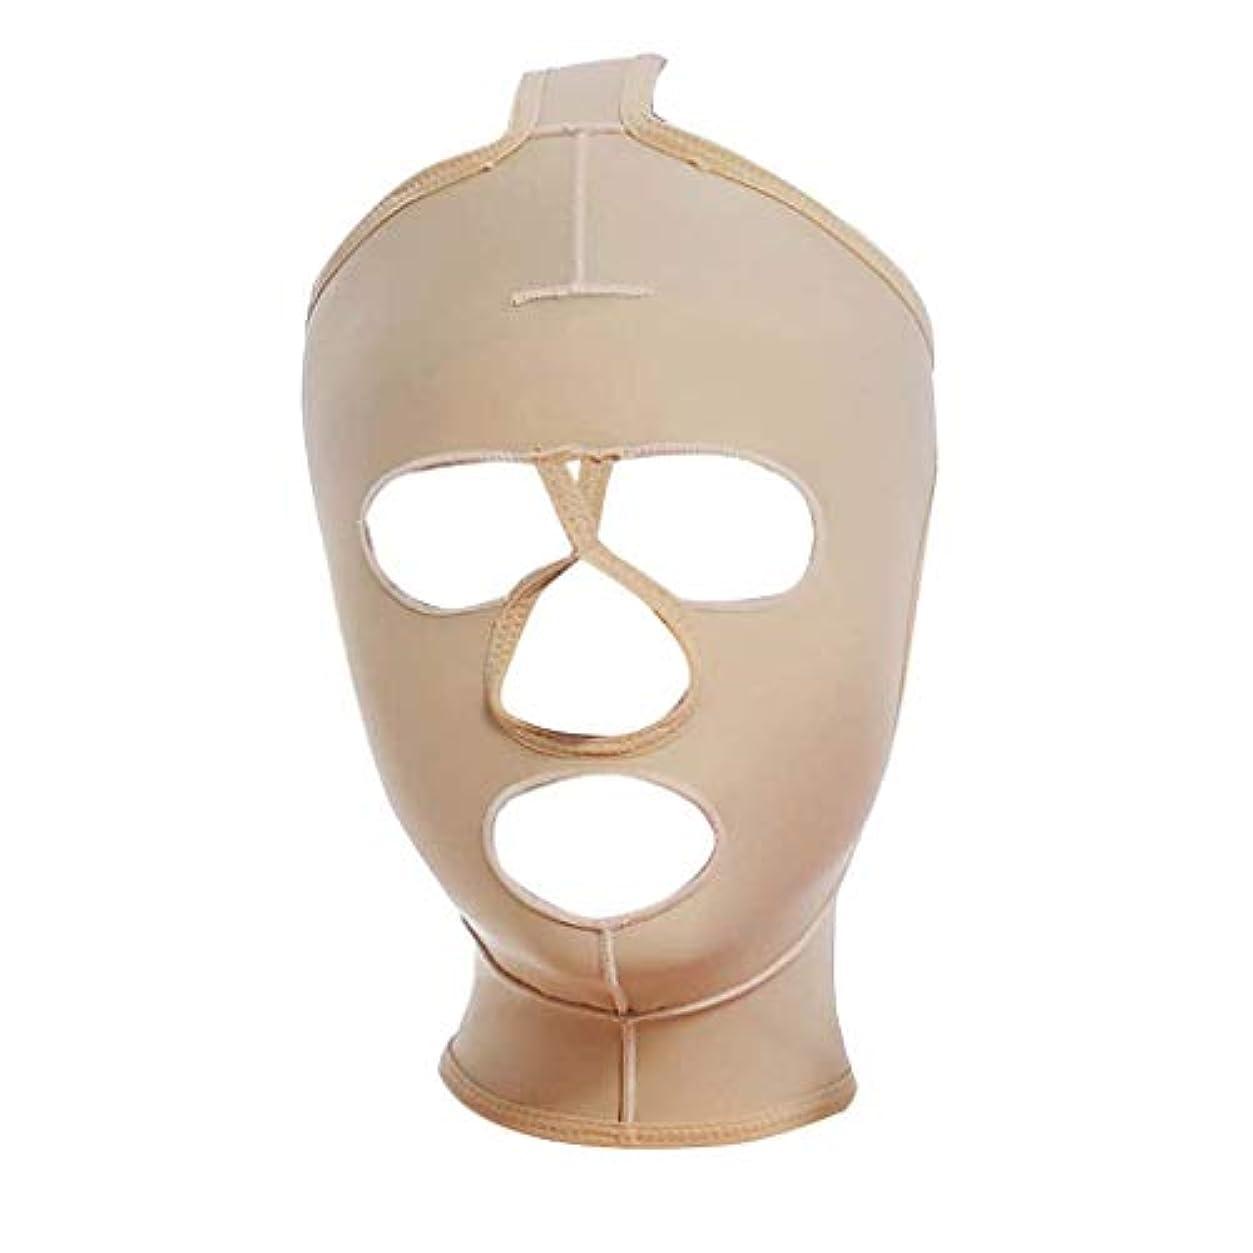 柔和郵便屋さんライフルフェイス&ネックリフト、減量フェイスマスク脂肪吸引術脂肪吸引術整形マスクフードフェイスリフティングアーティファクトVフェイスビームフェイス弾性スリーブ(サイズ:XXL),M